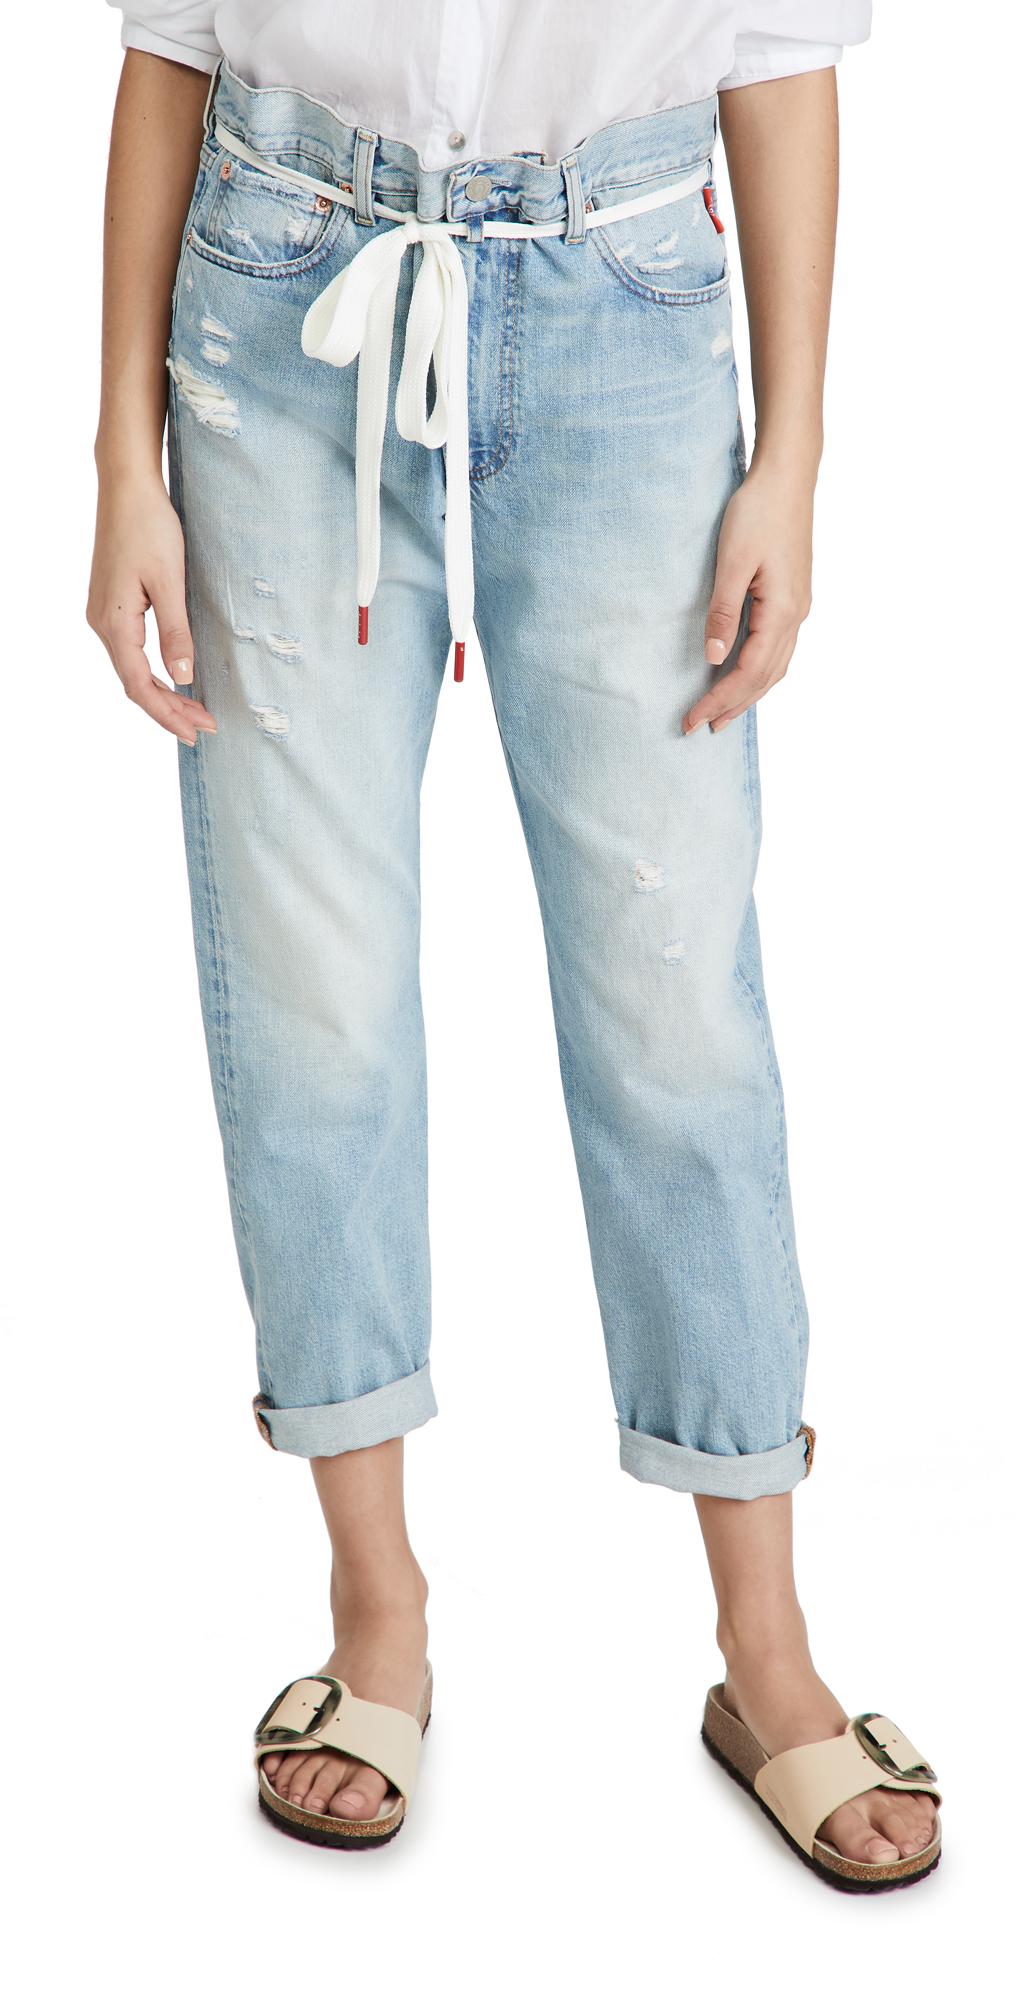 Harper Shoelace Jeans